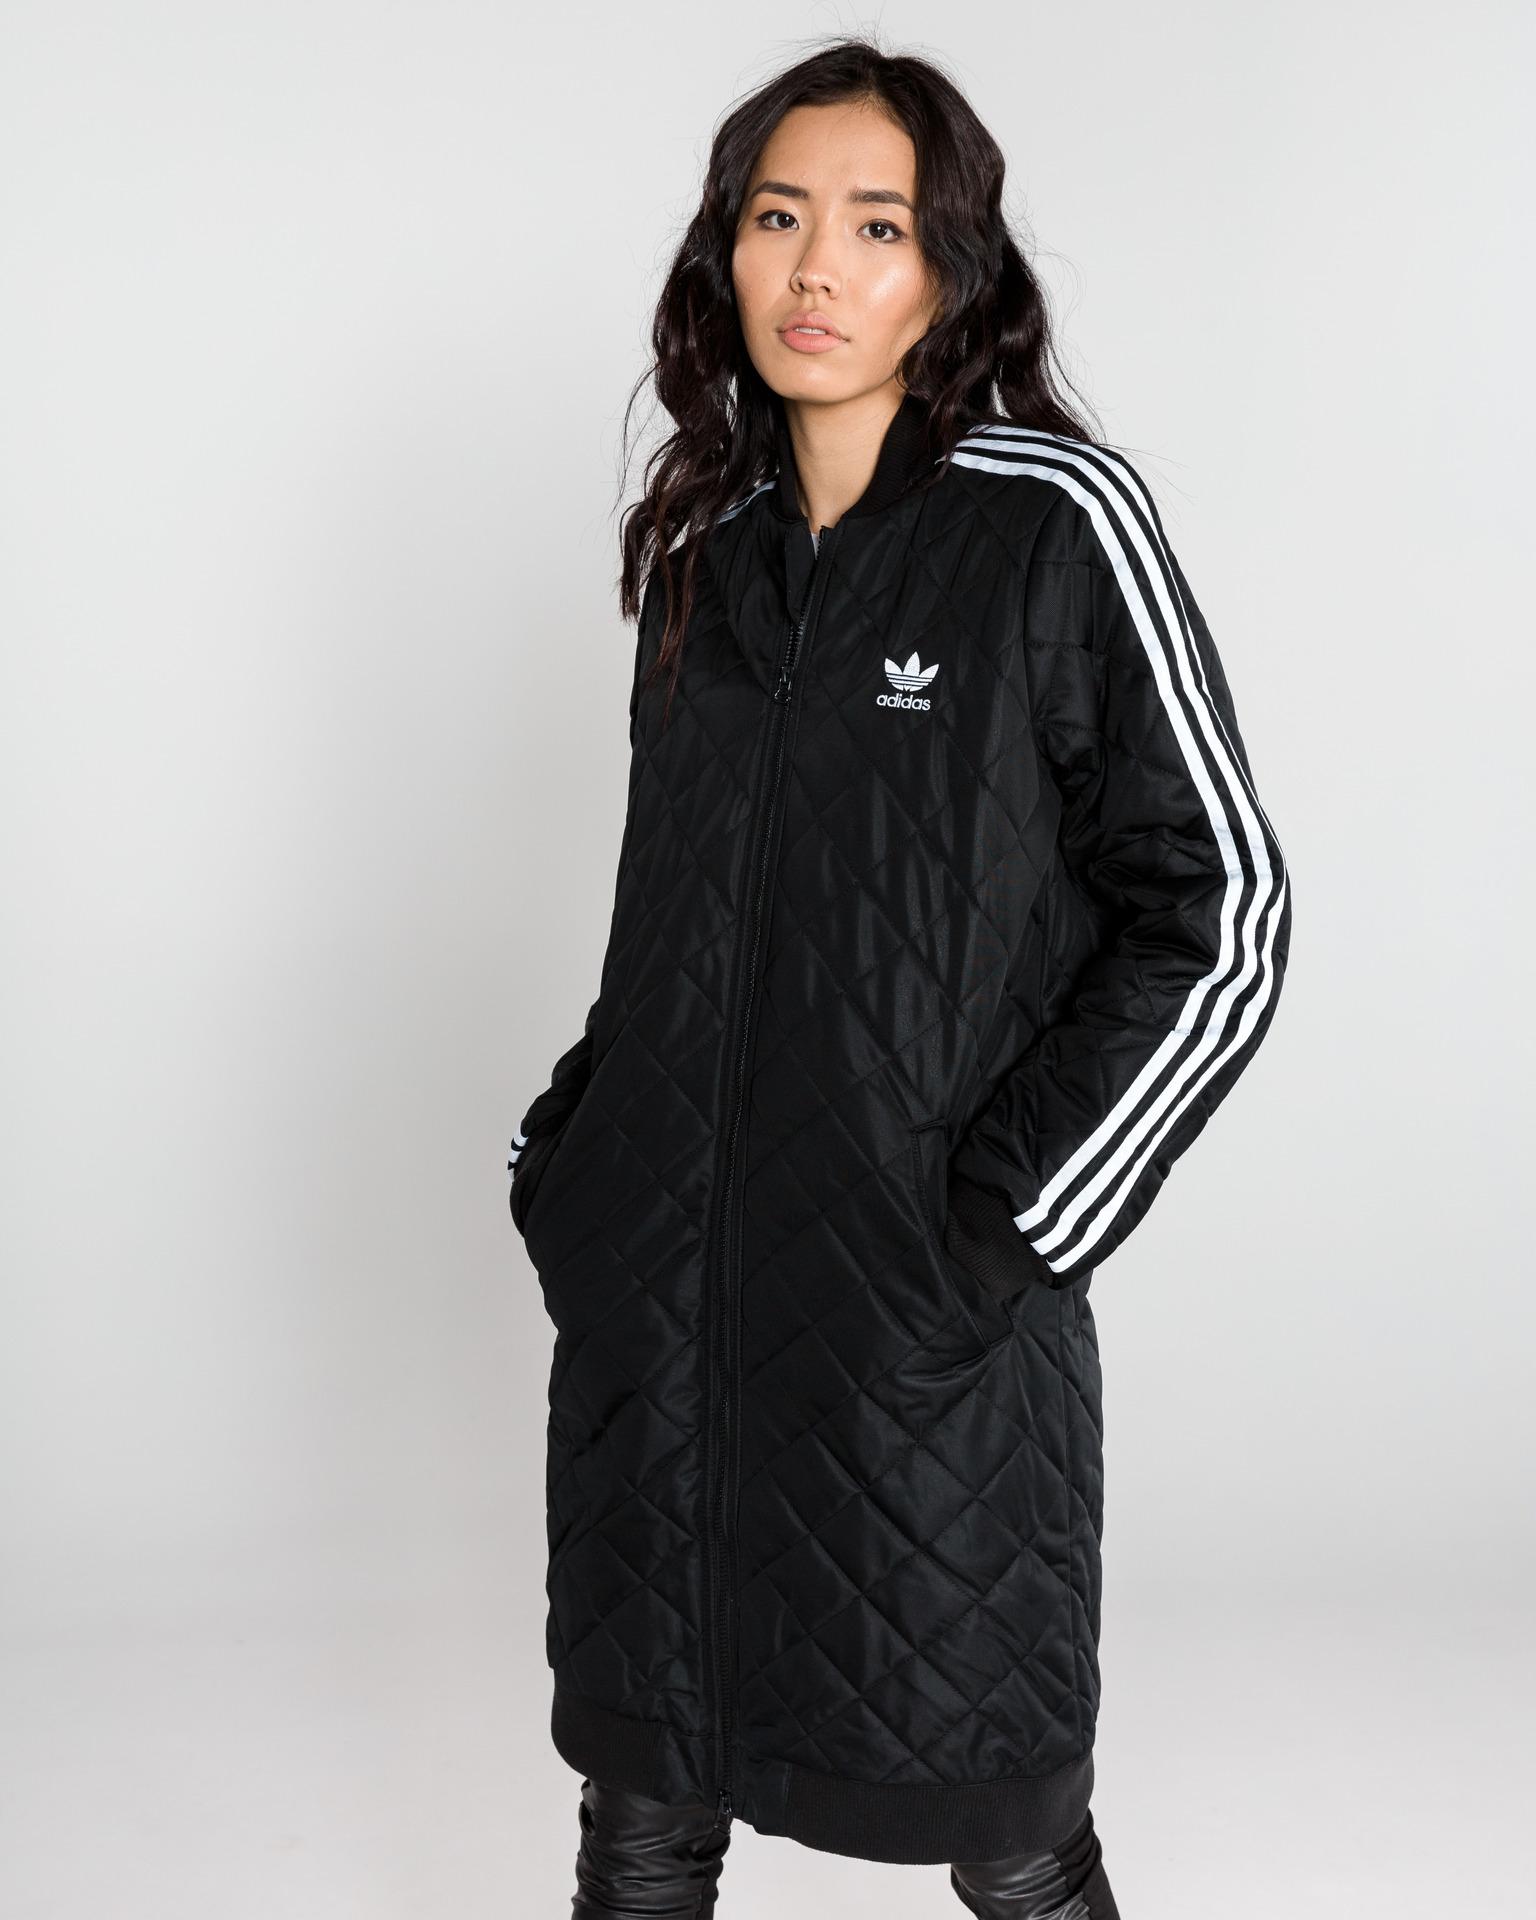 precio al por mayor precio oficial lujo adidas Originals - Jacket Bibloo.com